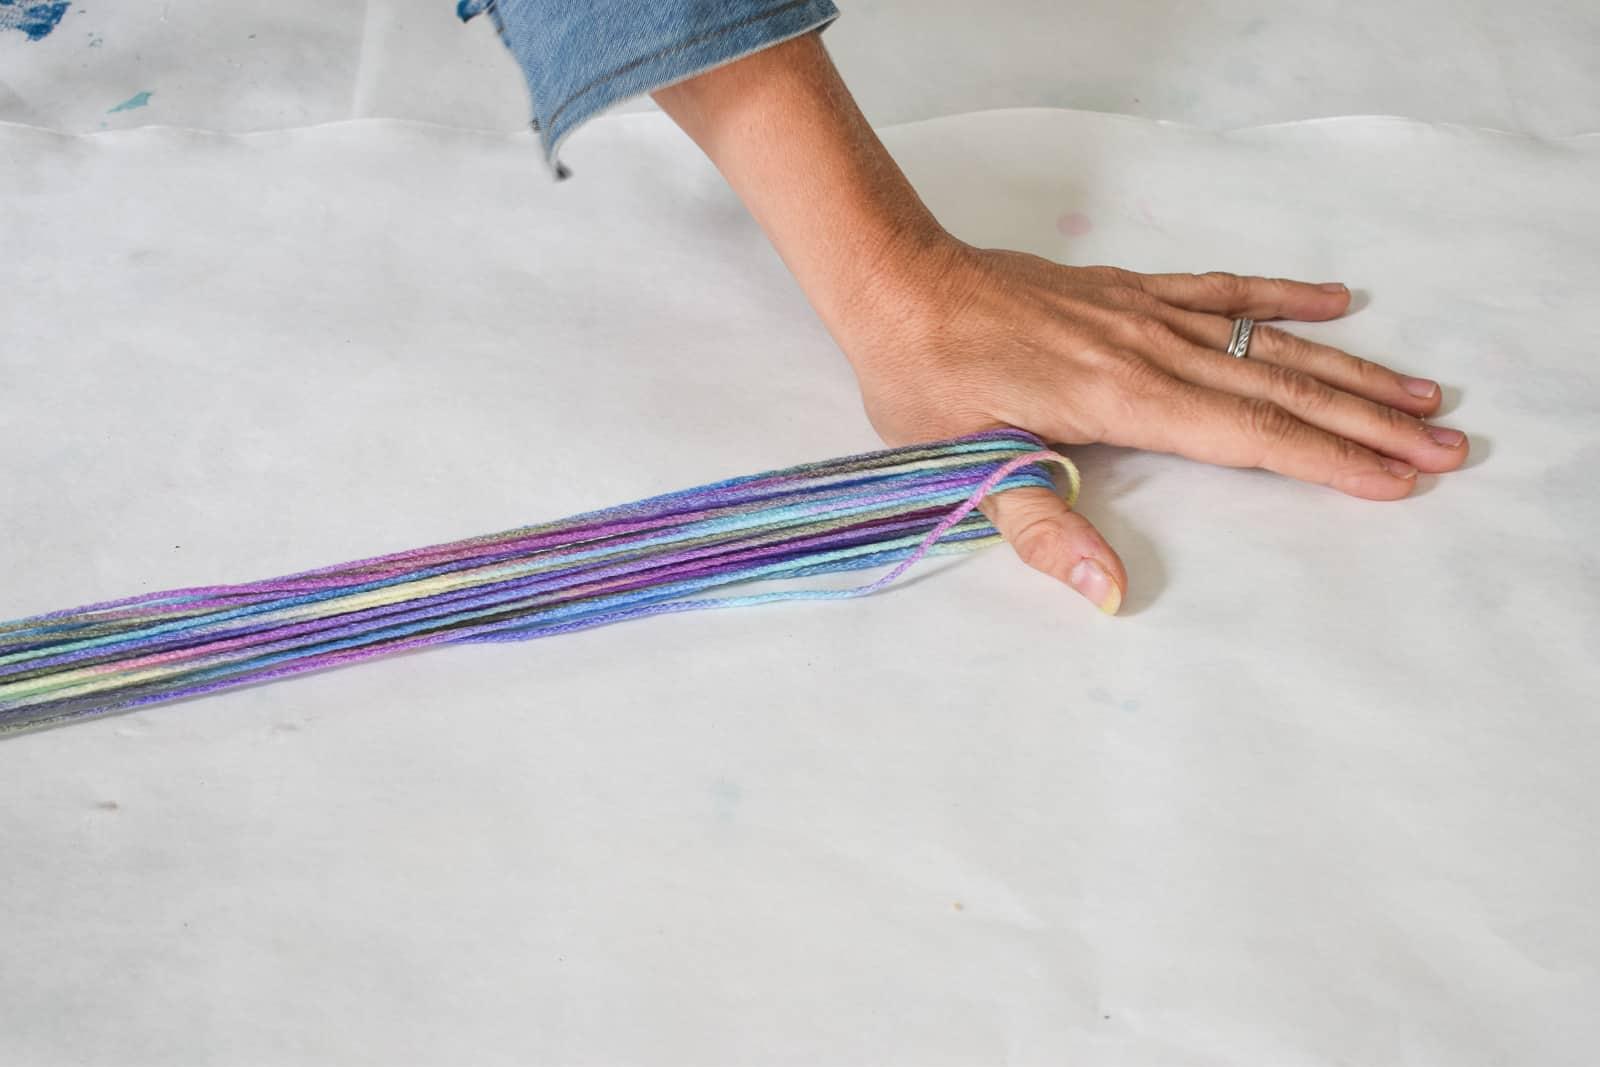 wind yarn to assemble unicorn tail